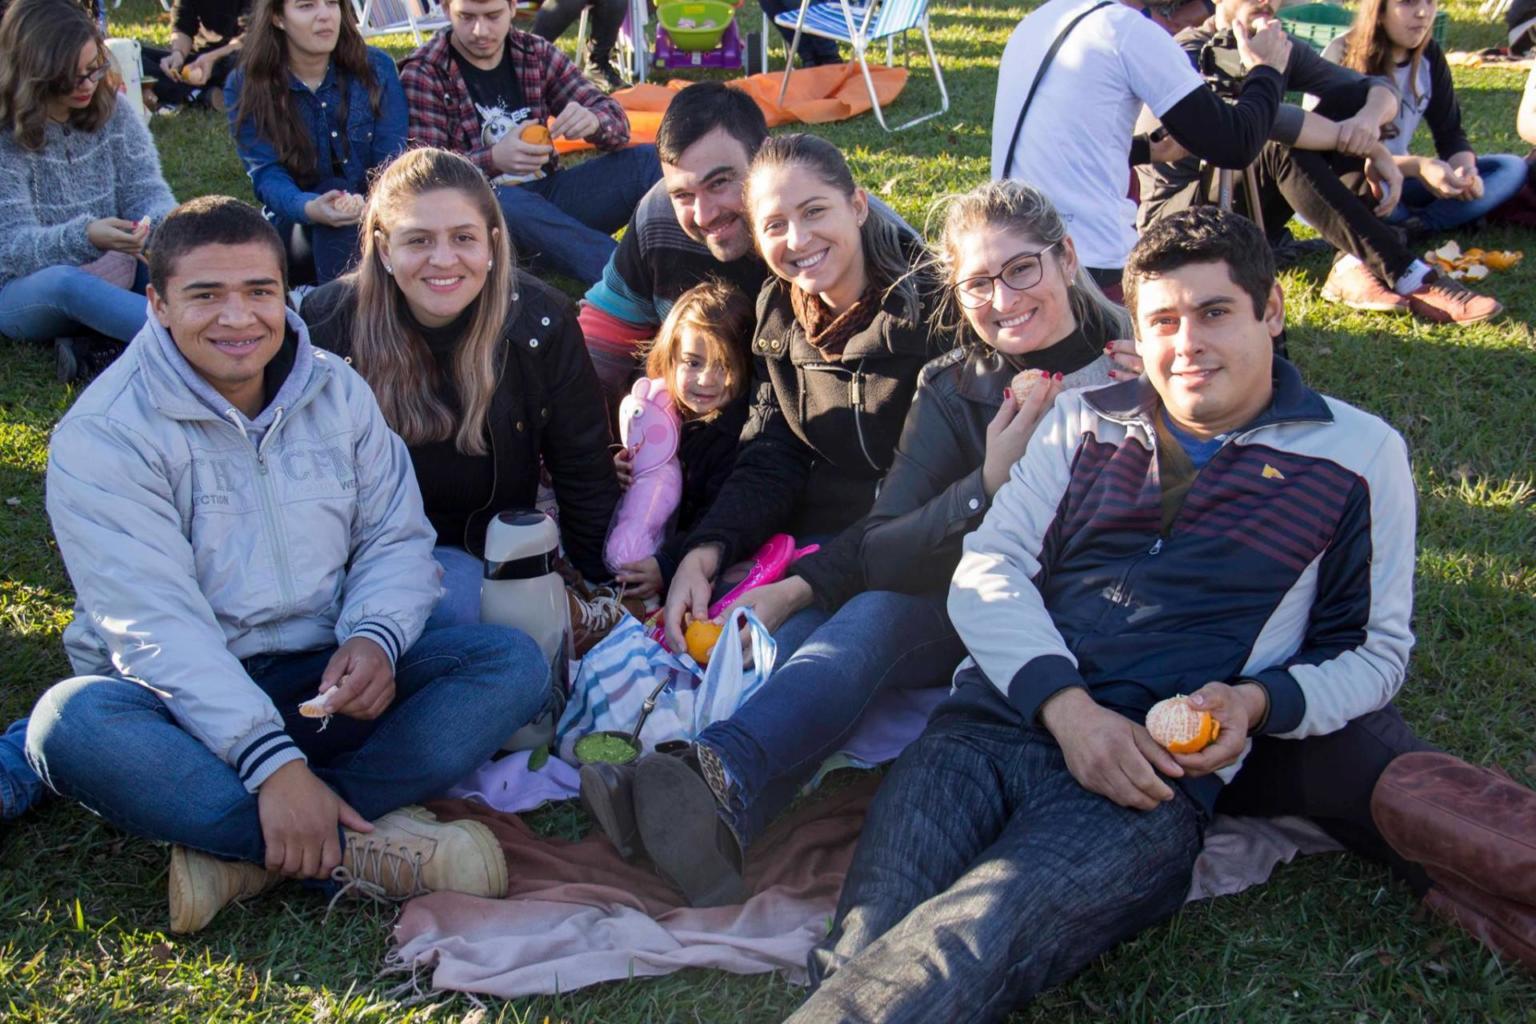 Seis pessoas sentadas no gramado